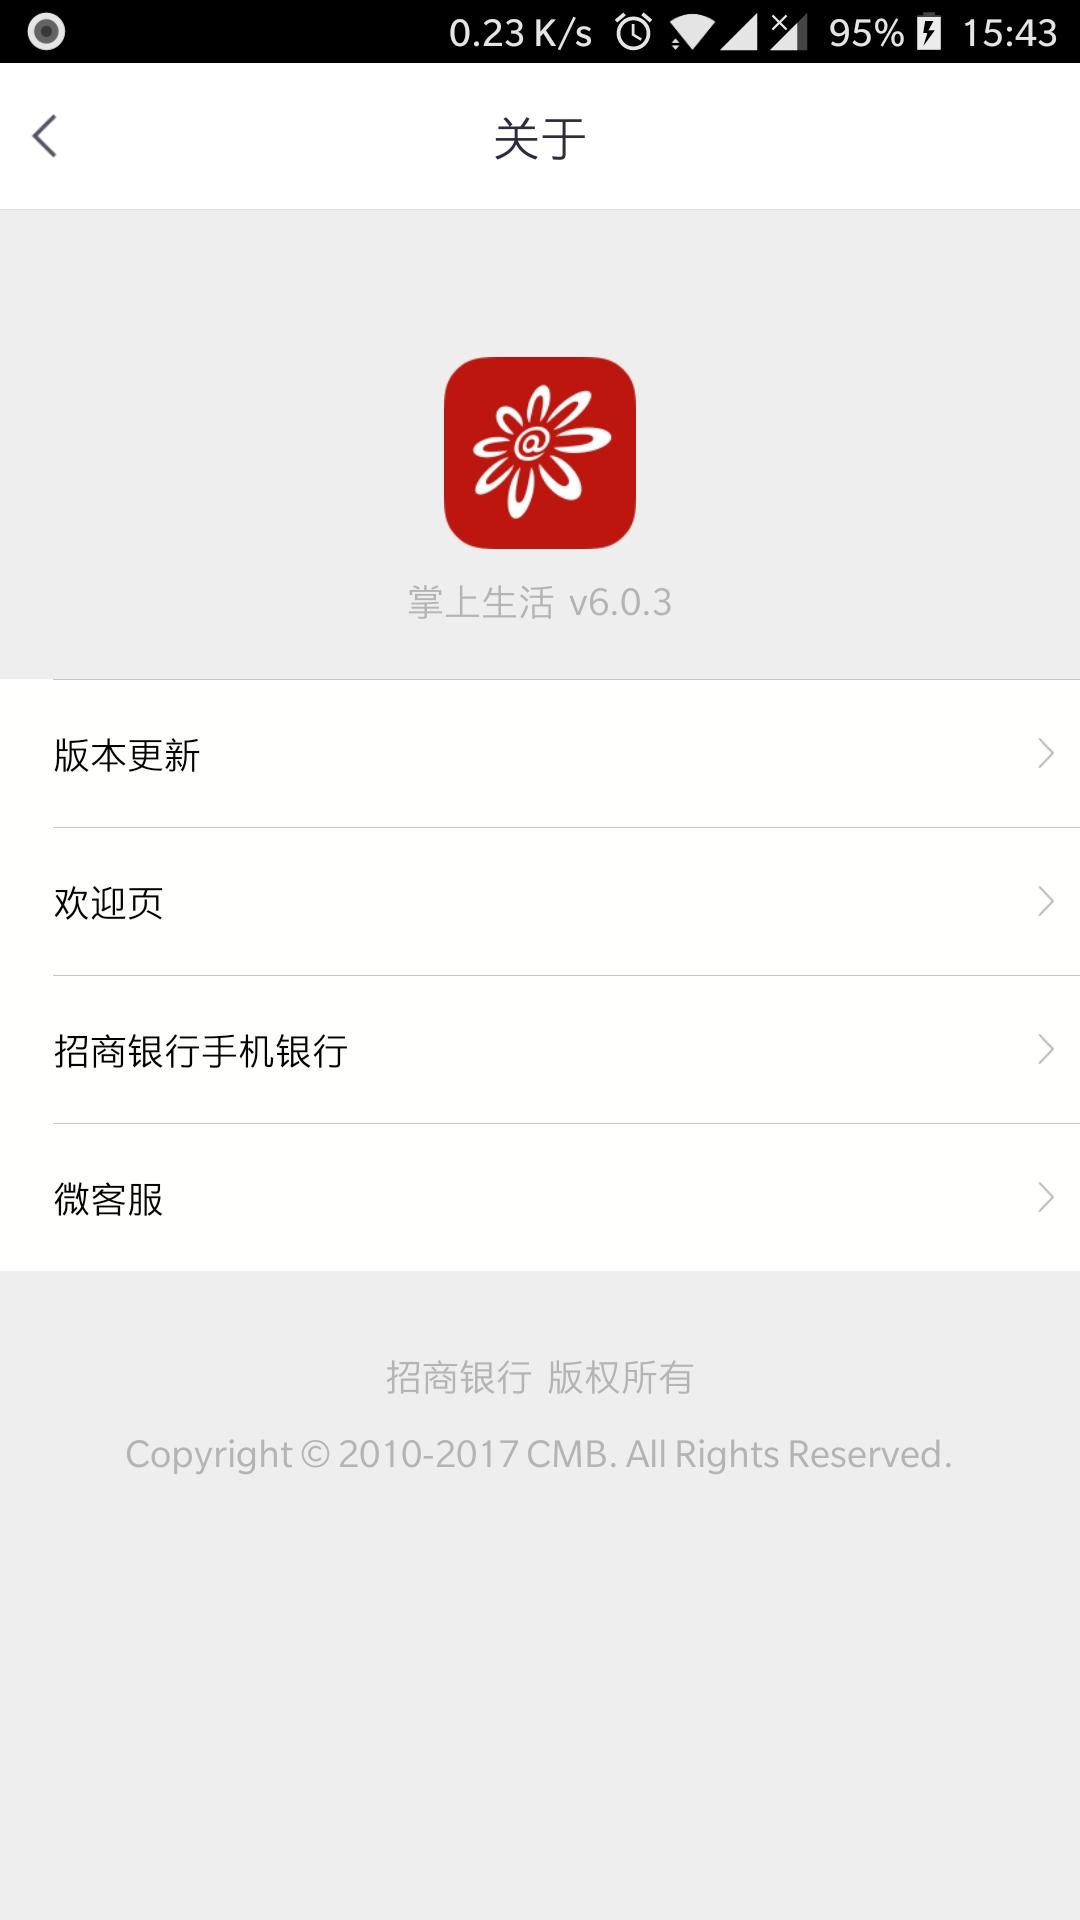 Screenshot_20171212-154351.jpg